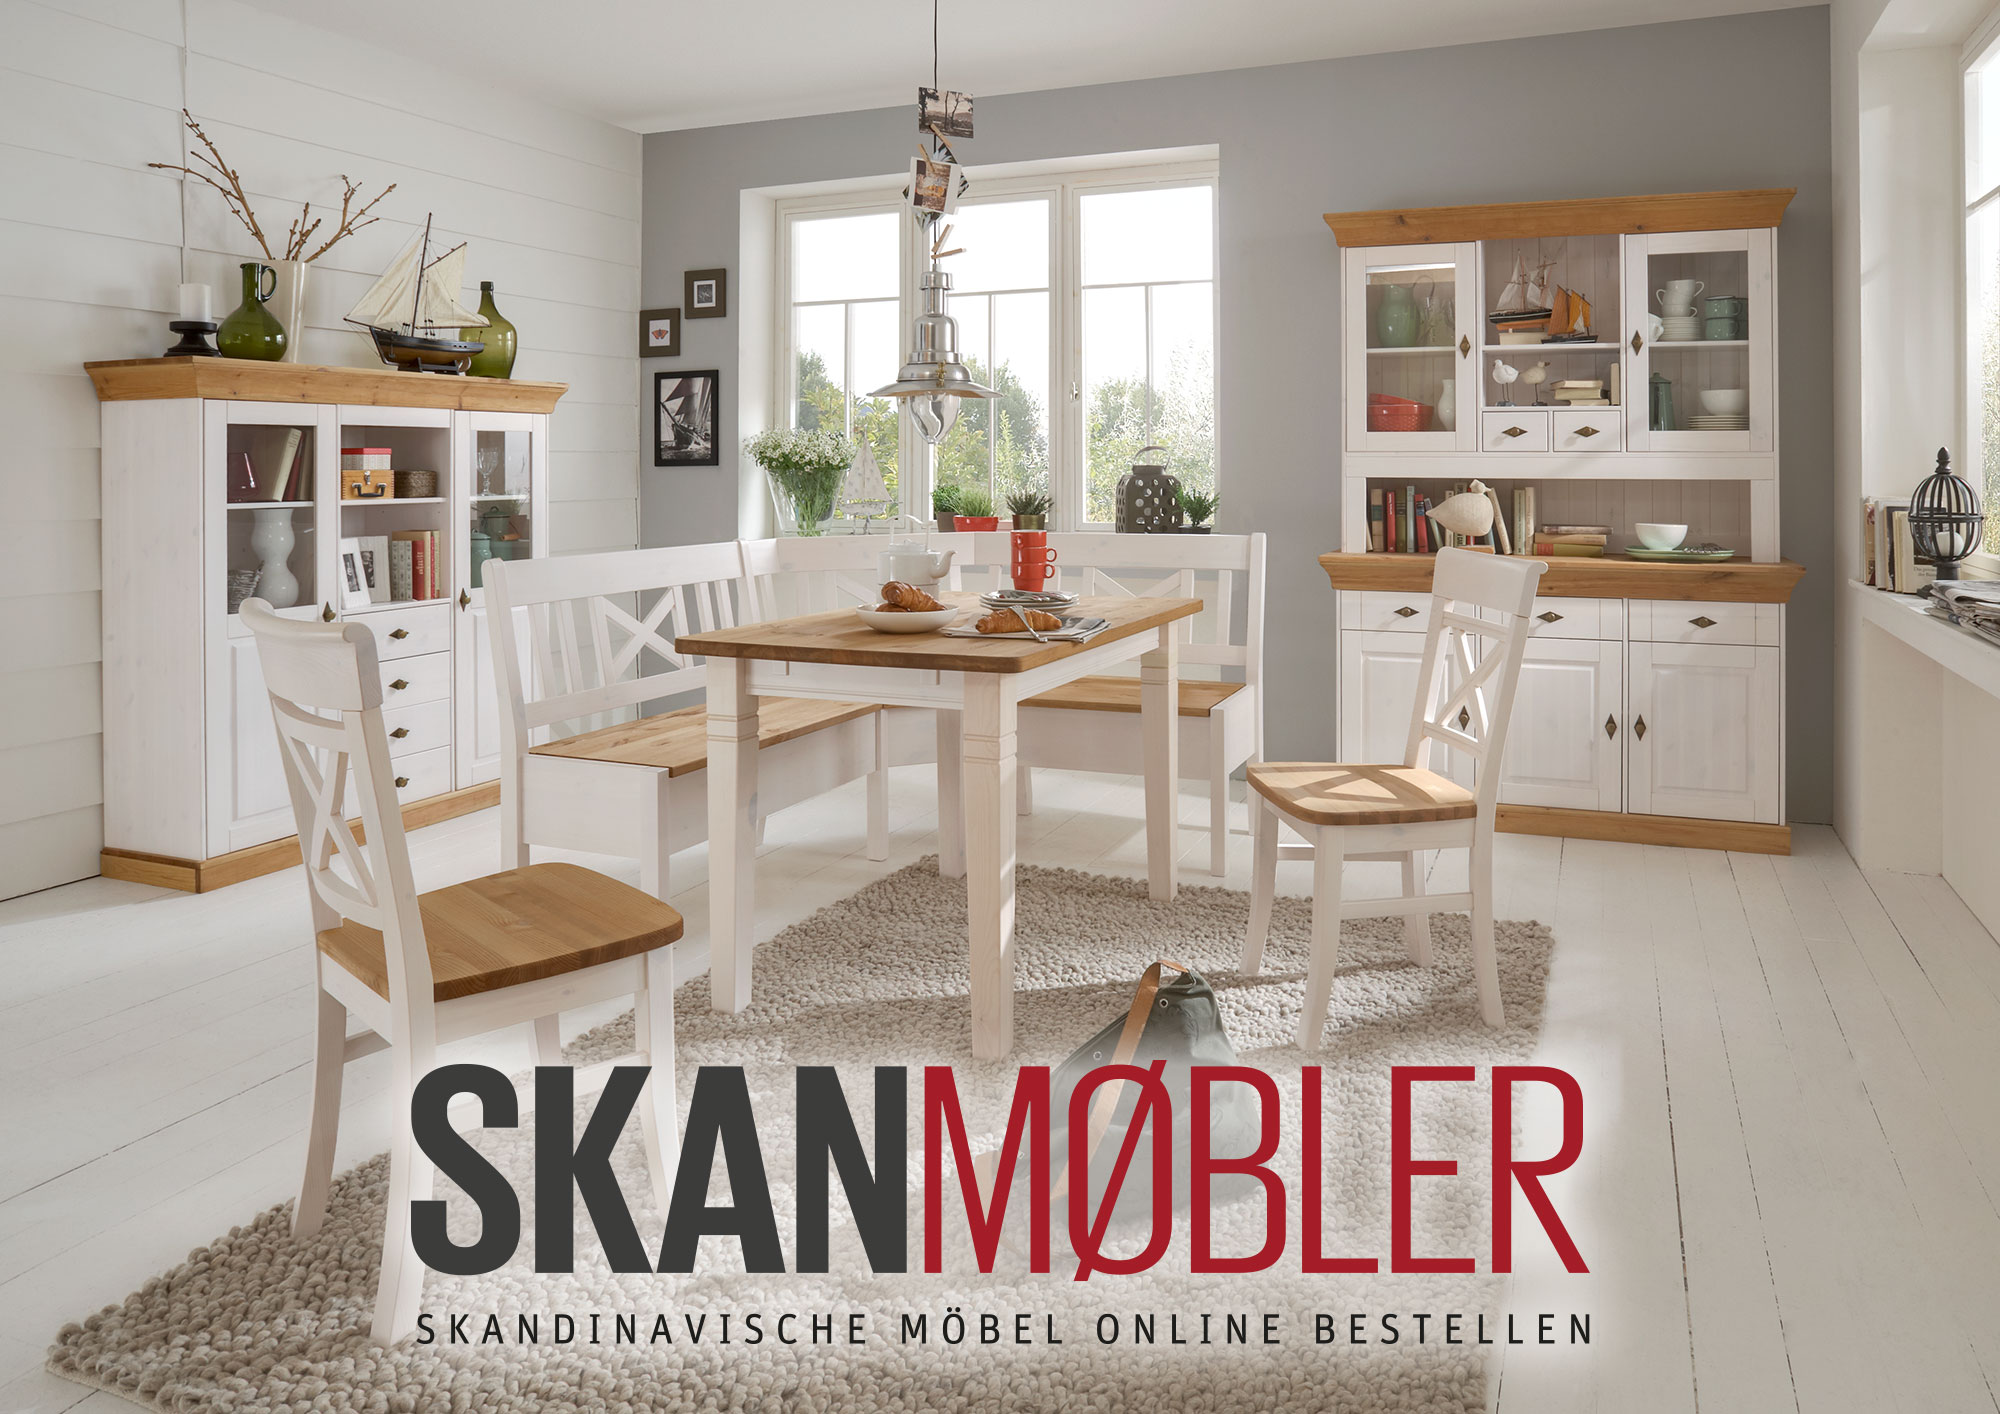 skandinavische möbel online shop | skanmØbler